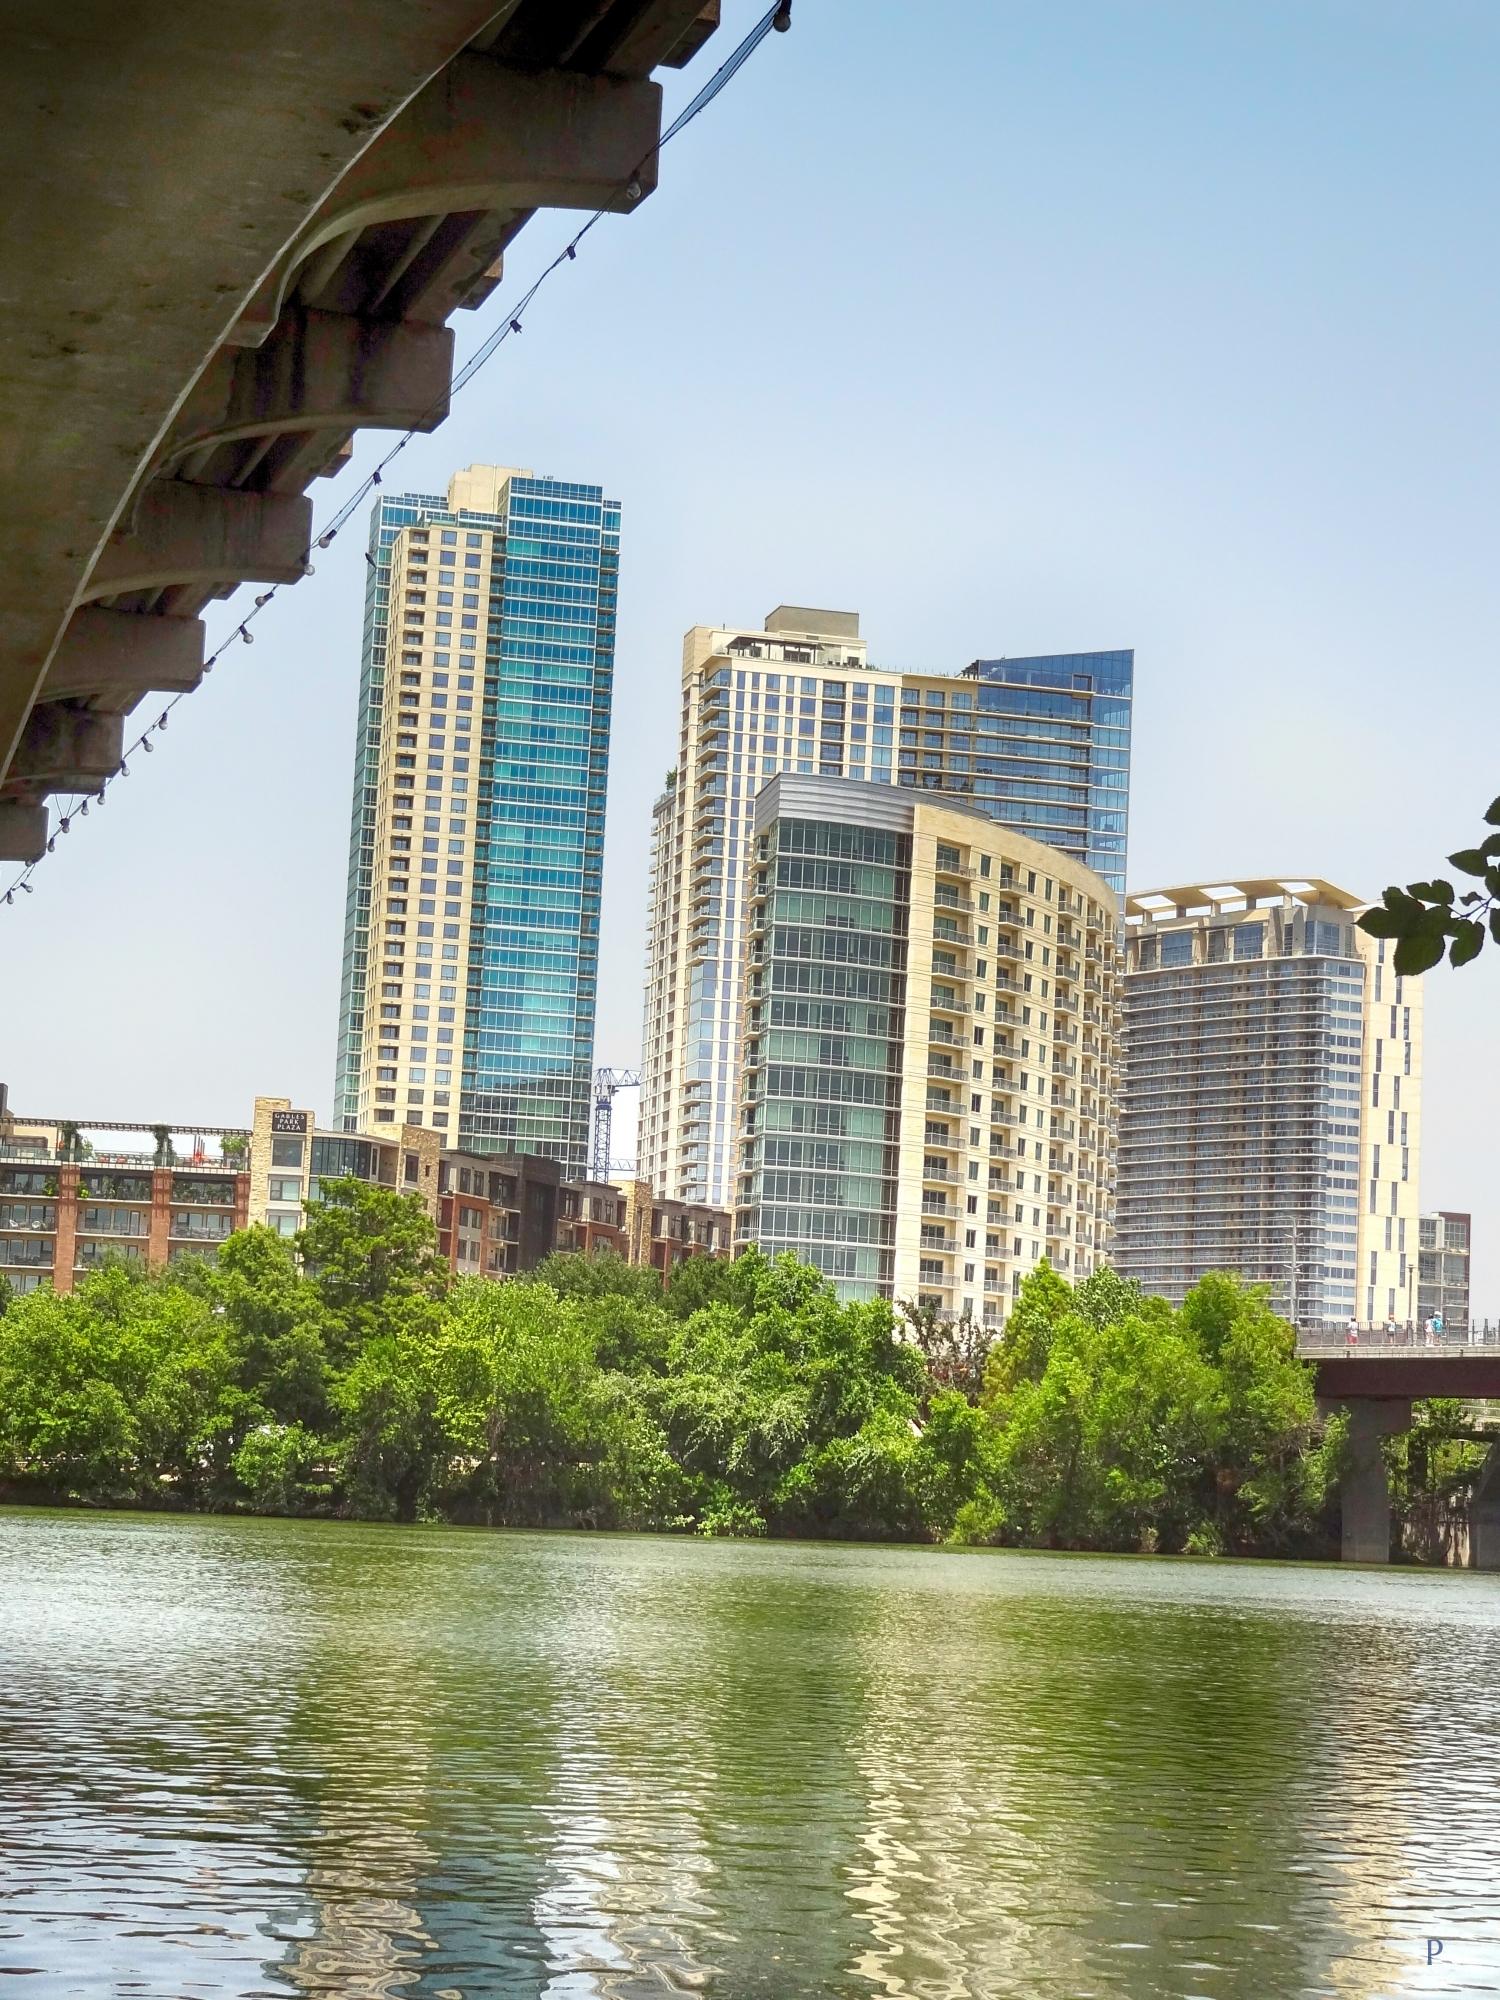 Under Lamar Bridge View Towards Gables Park Tower Free